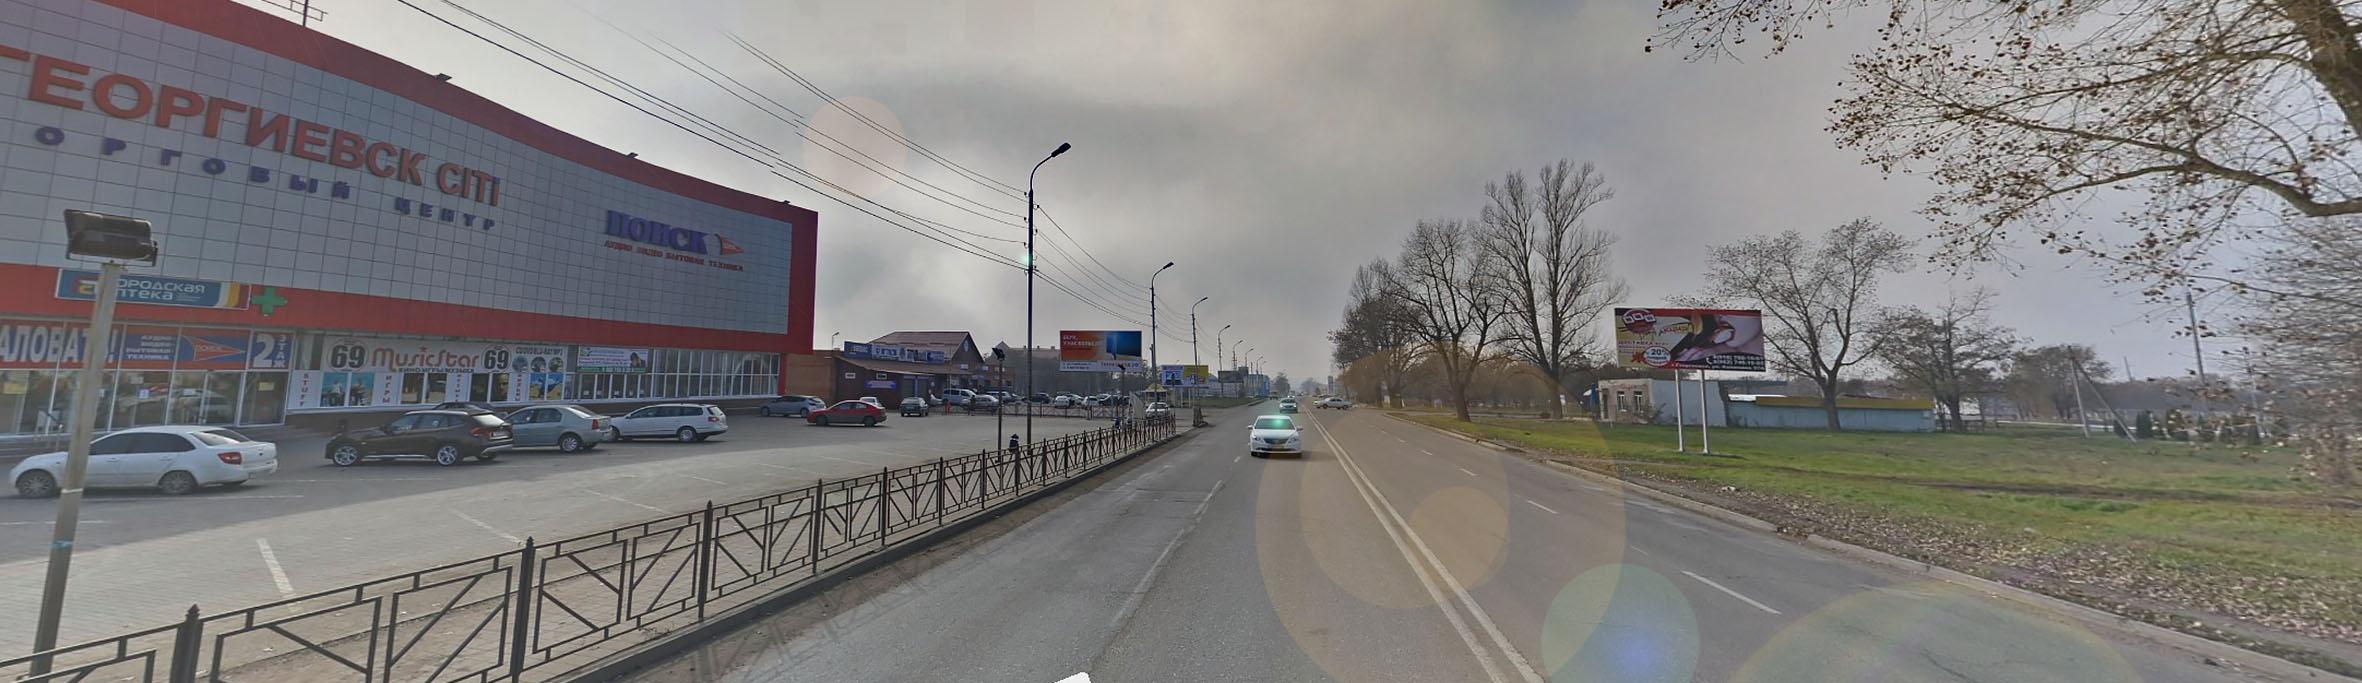 Реклама на билбордах в Георгиевске городская